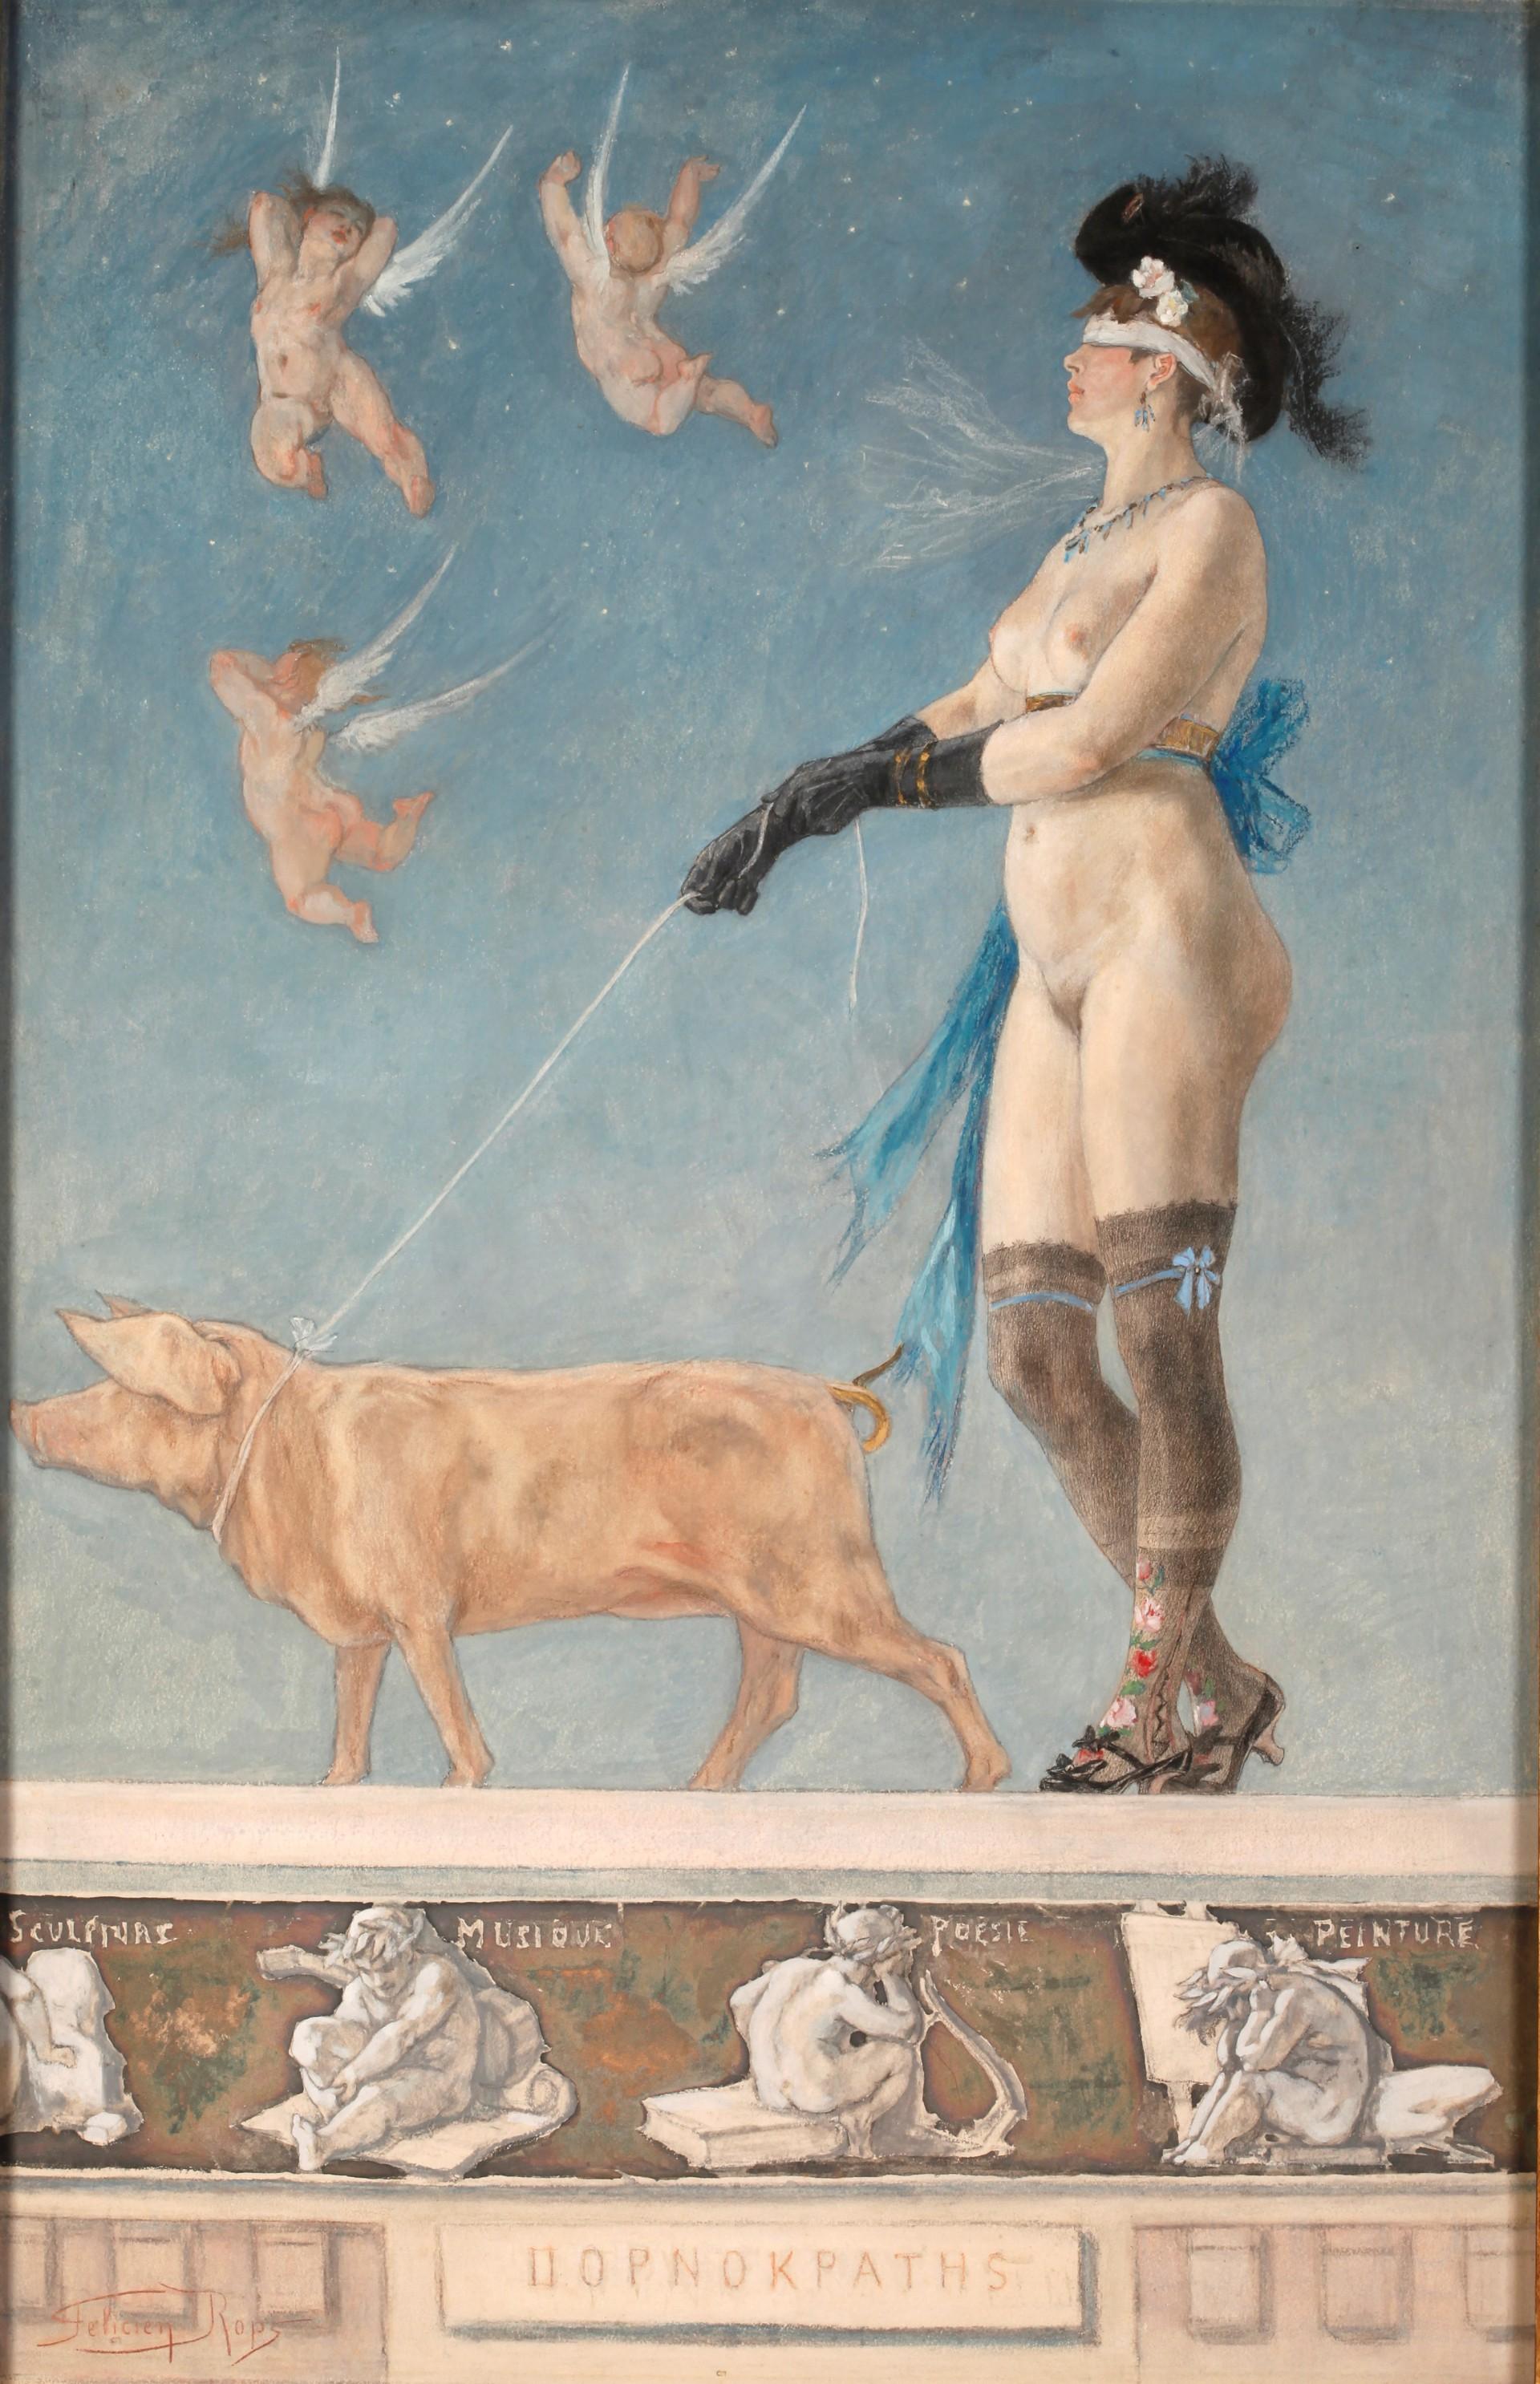 Félicien Rops - Pornocrates La dame au cochon - The Lady with the Pig